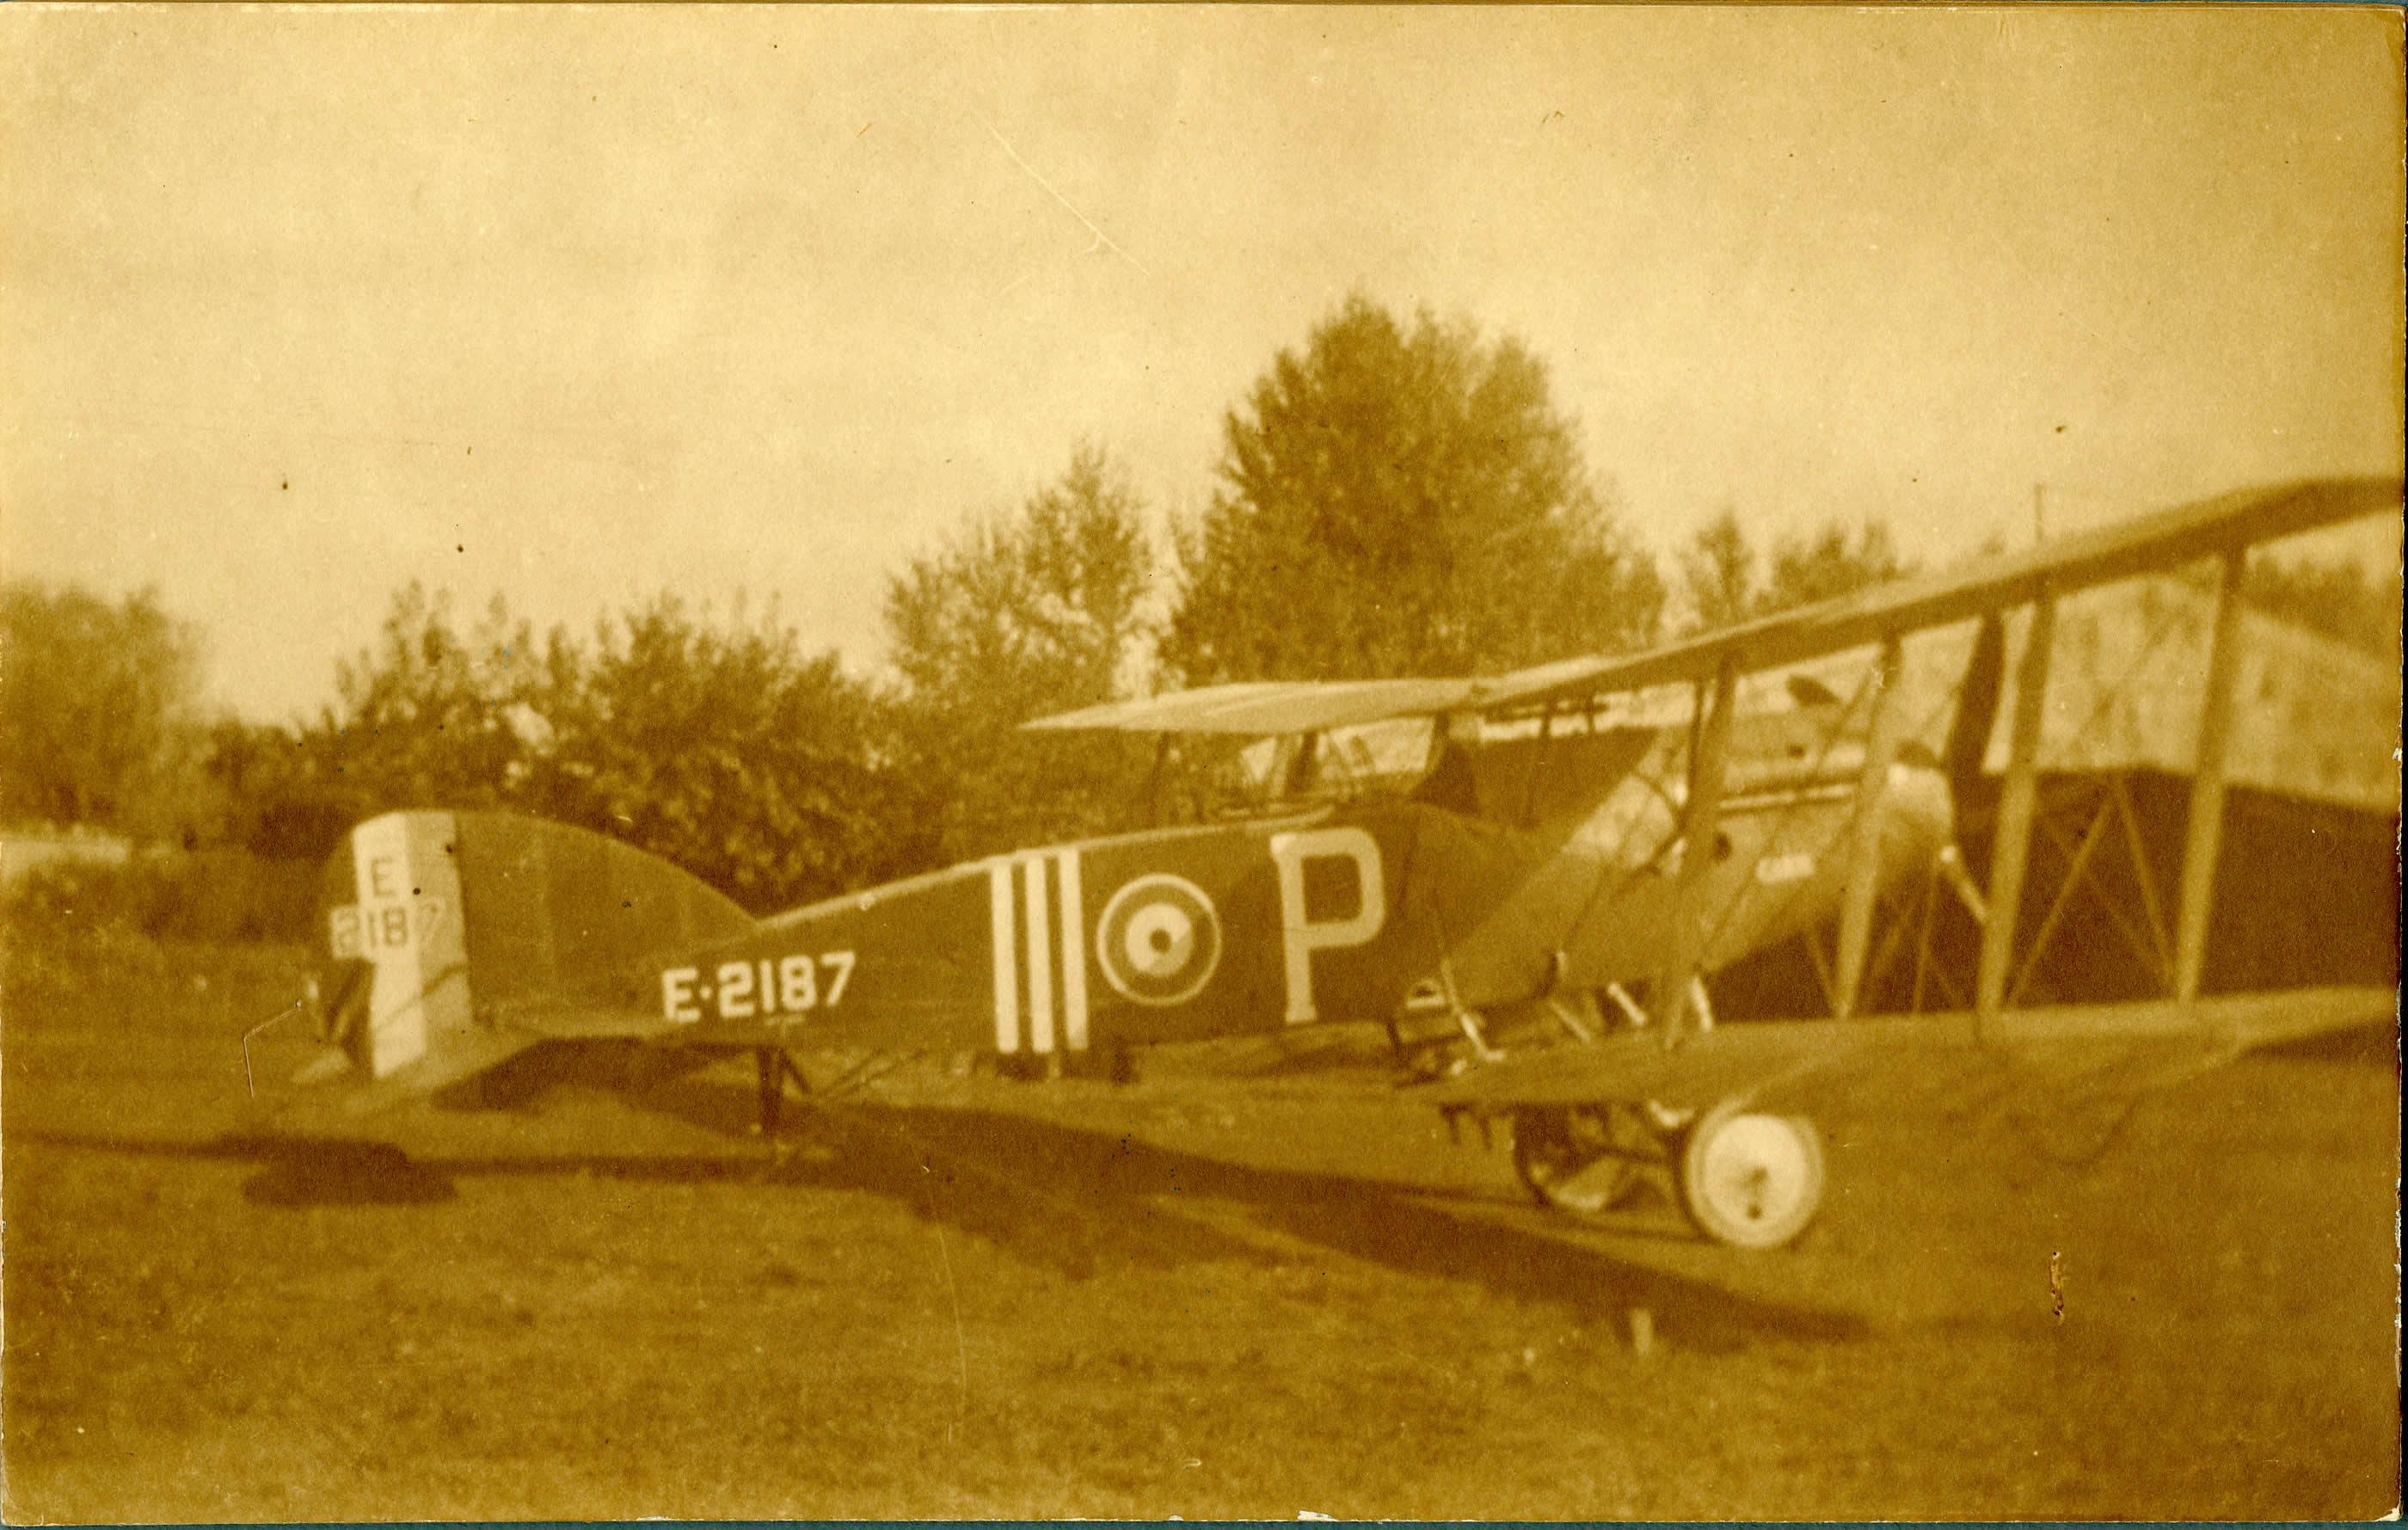 Bristol Fighter Aircraft